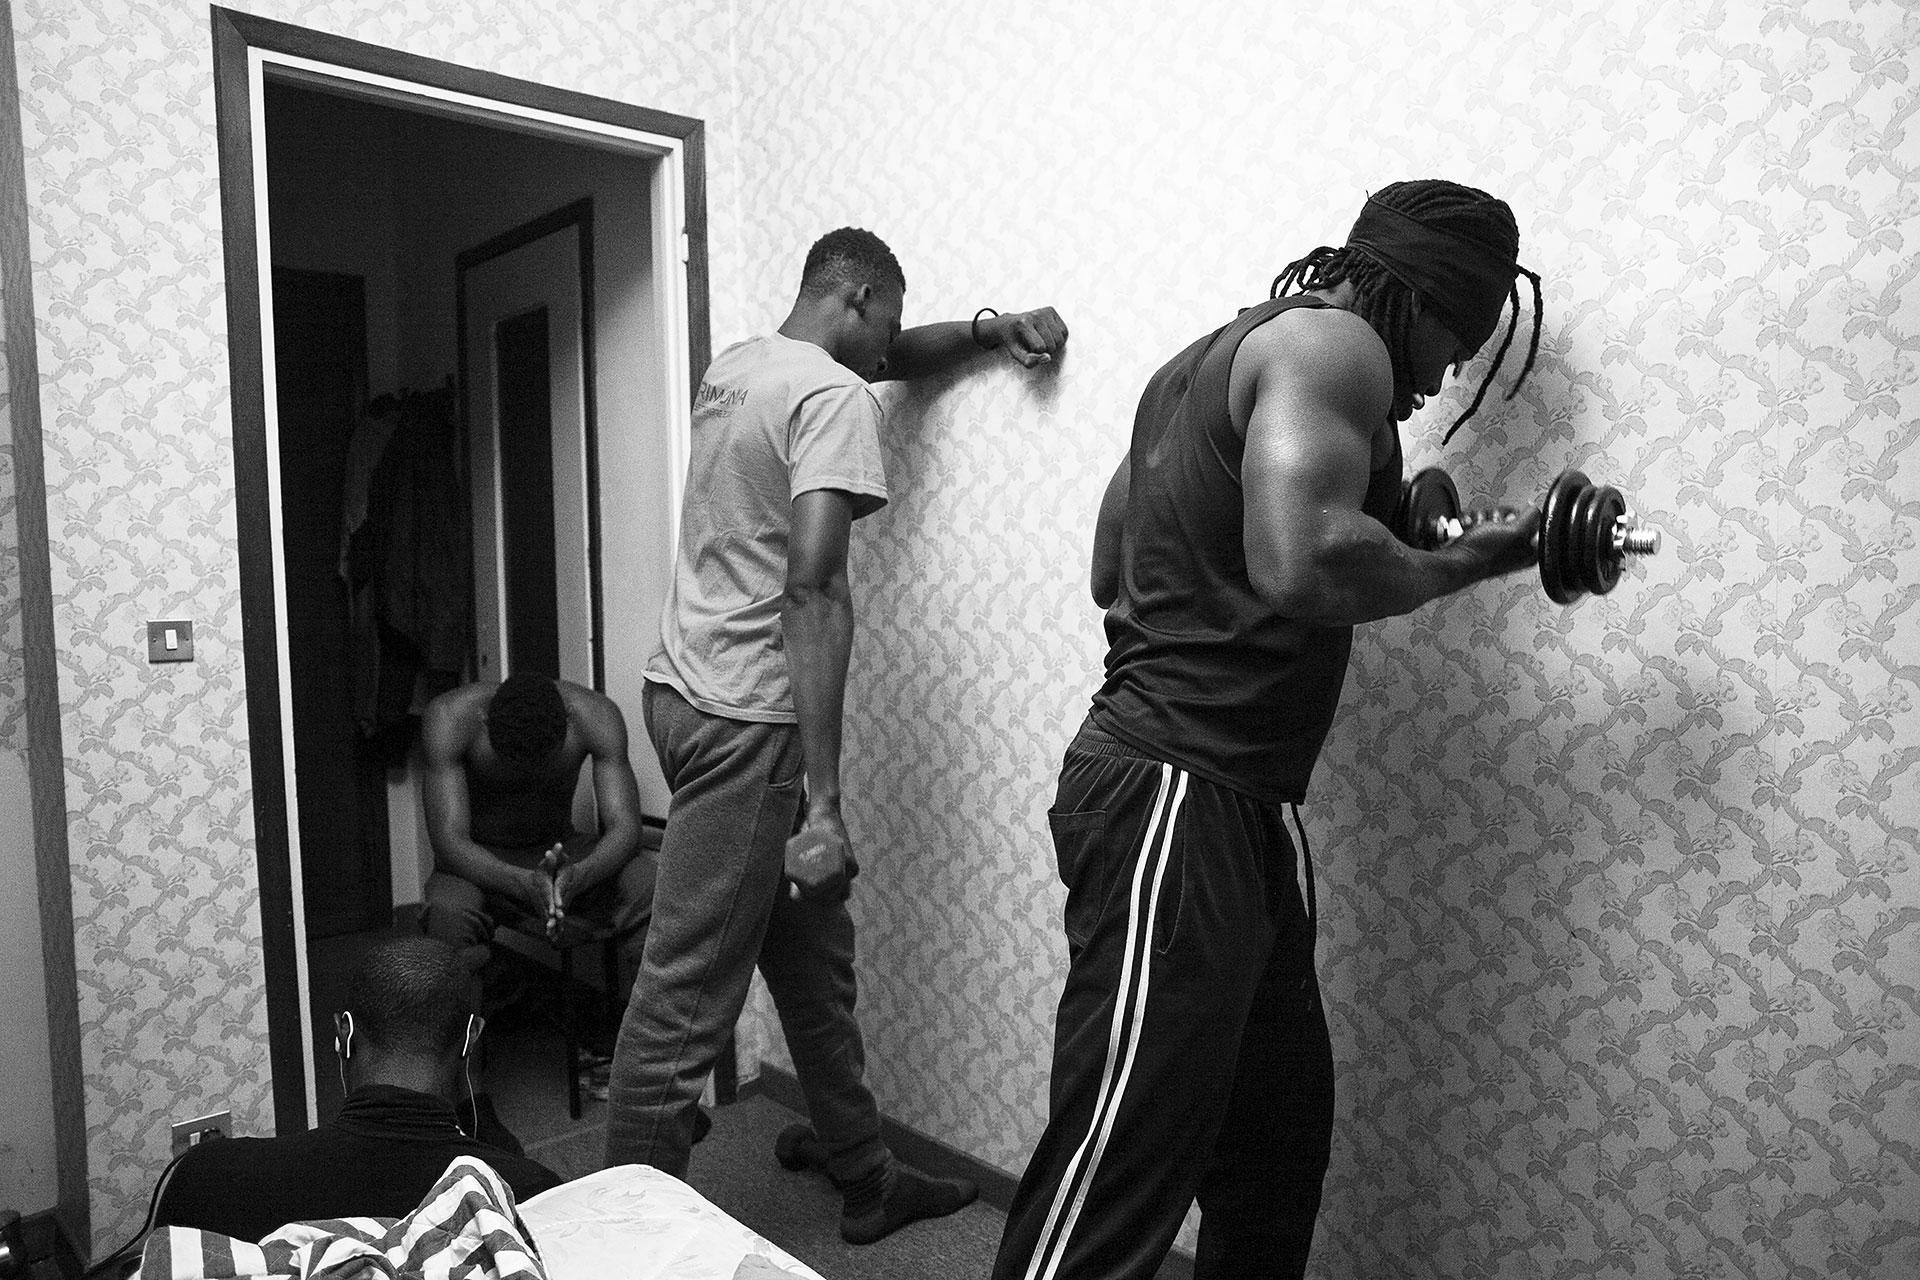 Malick y sus amigos Moussa, de Costa de Marfil, y Mohammad, de Senegal, entrenan antes de acostarse. Lo hacen cada noche como una manera no sólo de mantener su cuerpo en forma, sino también de abstraer su mente y así poder dormir más fácilmente.